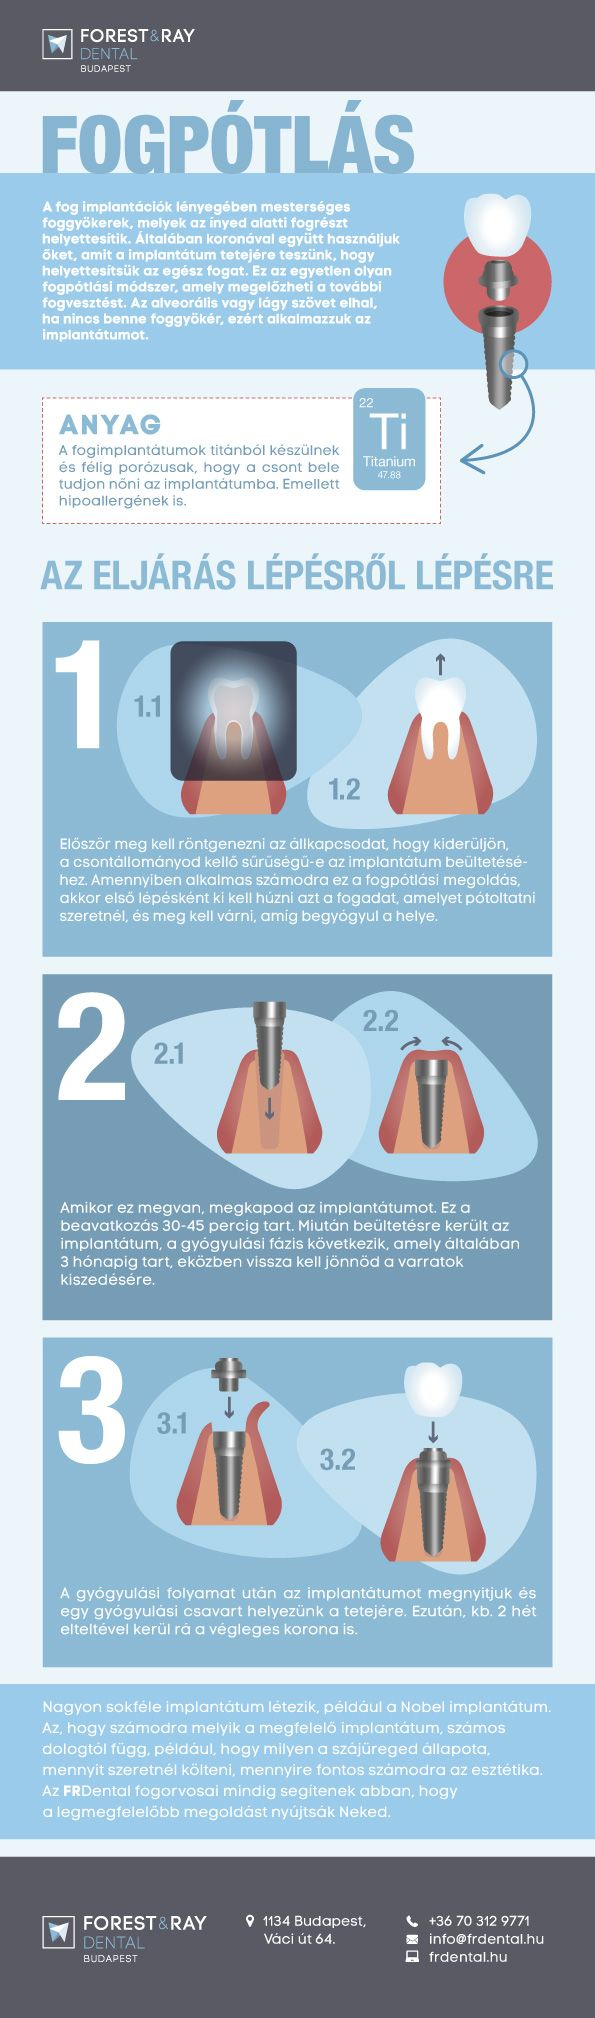 Infografikánkból megtudhatod, mikor van szükség fogászati implantátumra, és milyen lépésekből áll egy fogpótlás. #fogászat #fog #fogorvos #fogpótlás